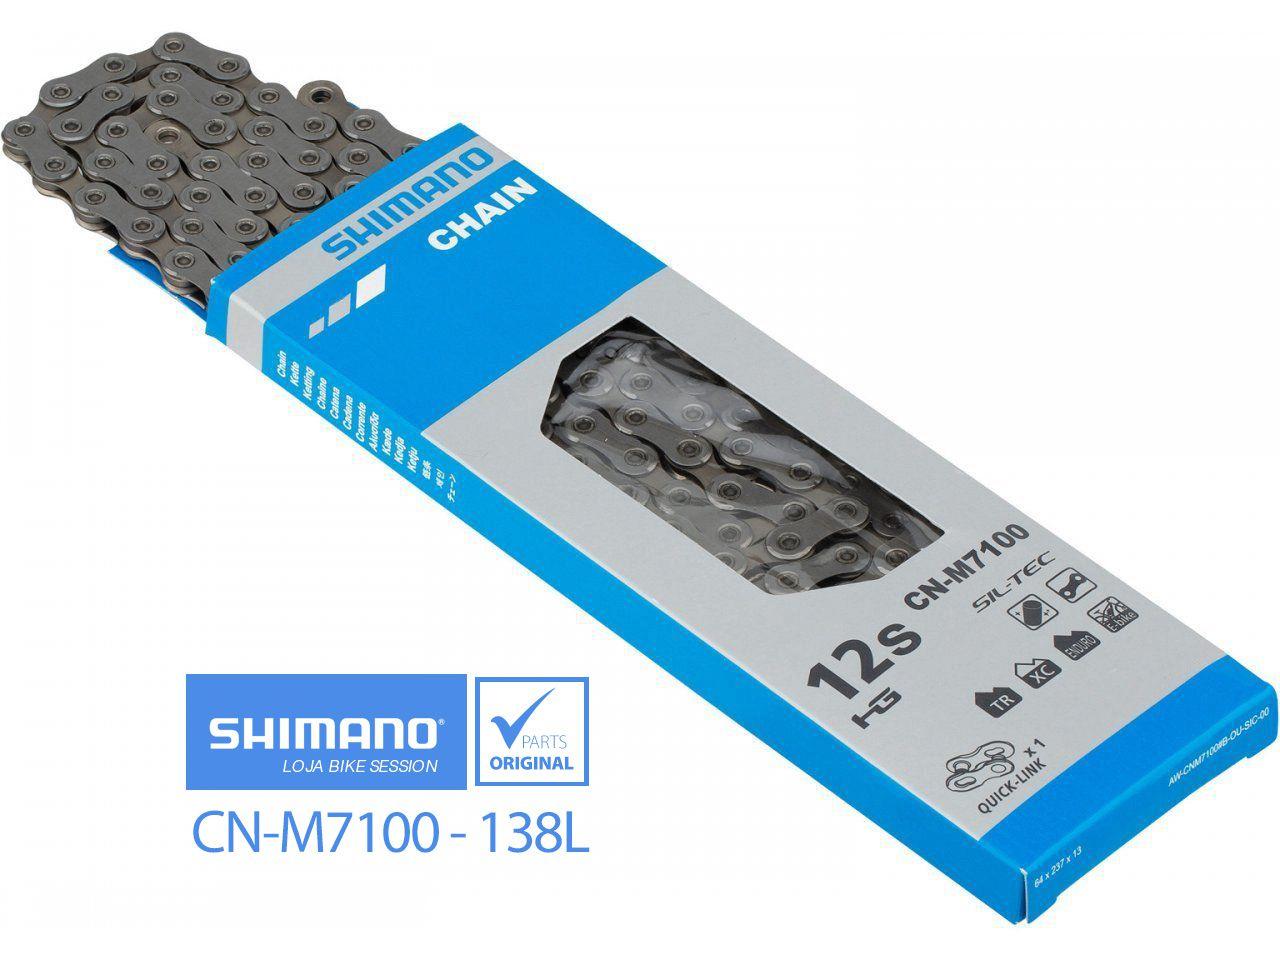 Corrente Shimano 2x12v CN-M7100 SLX Deore XT XTR - 138L